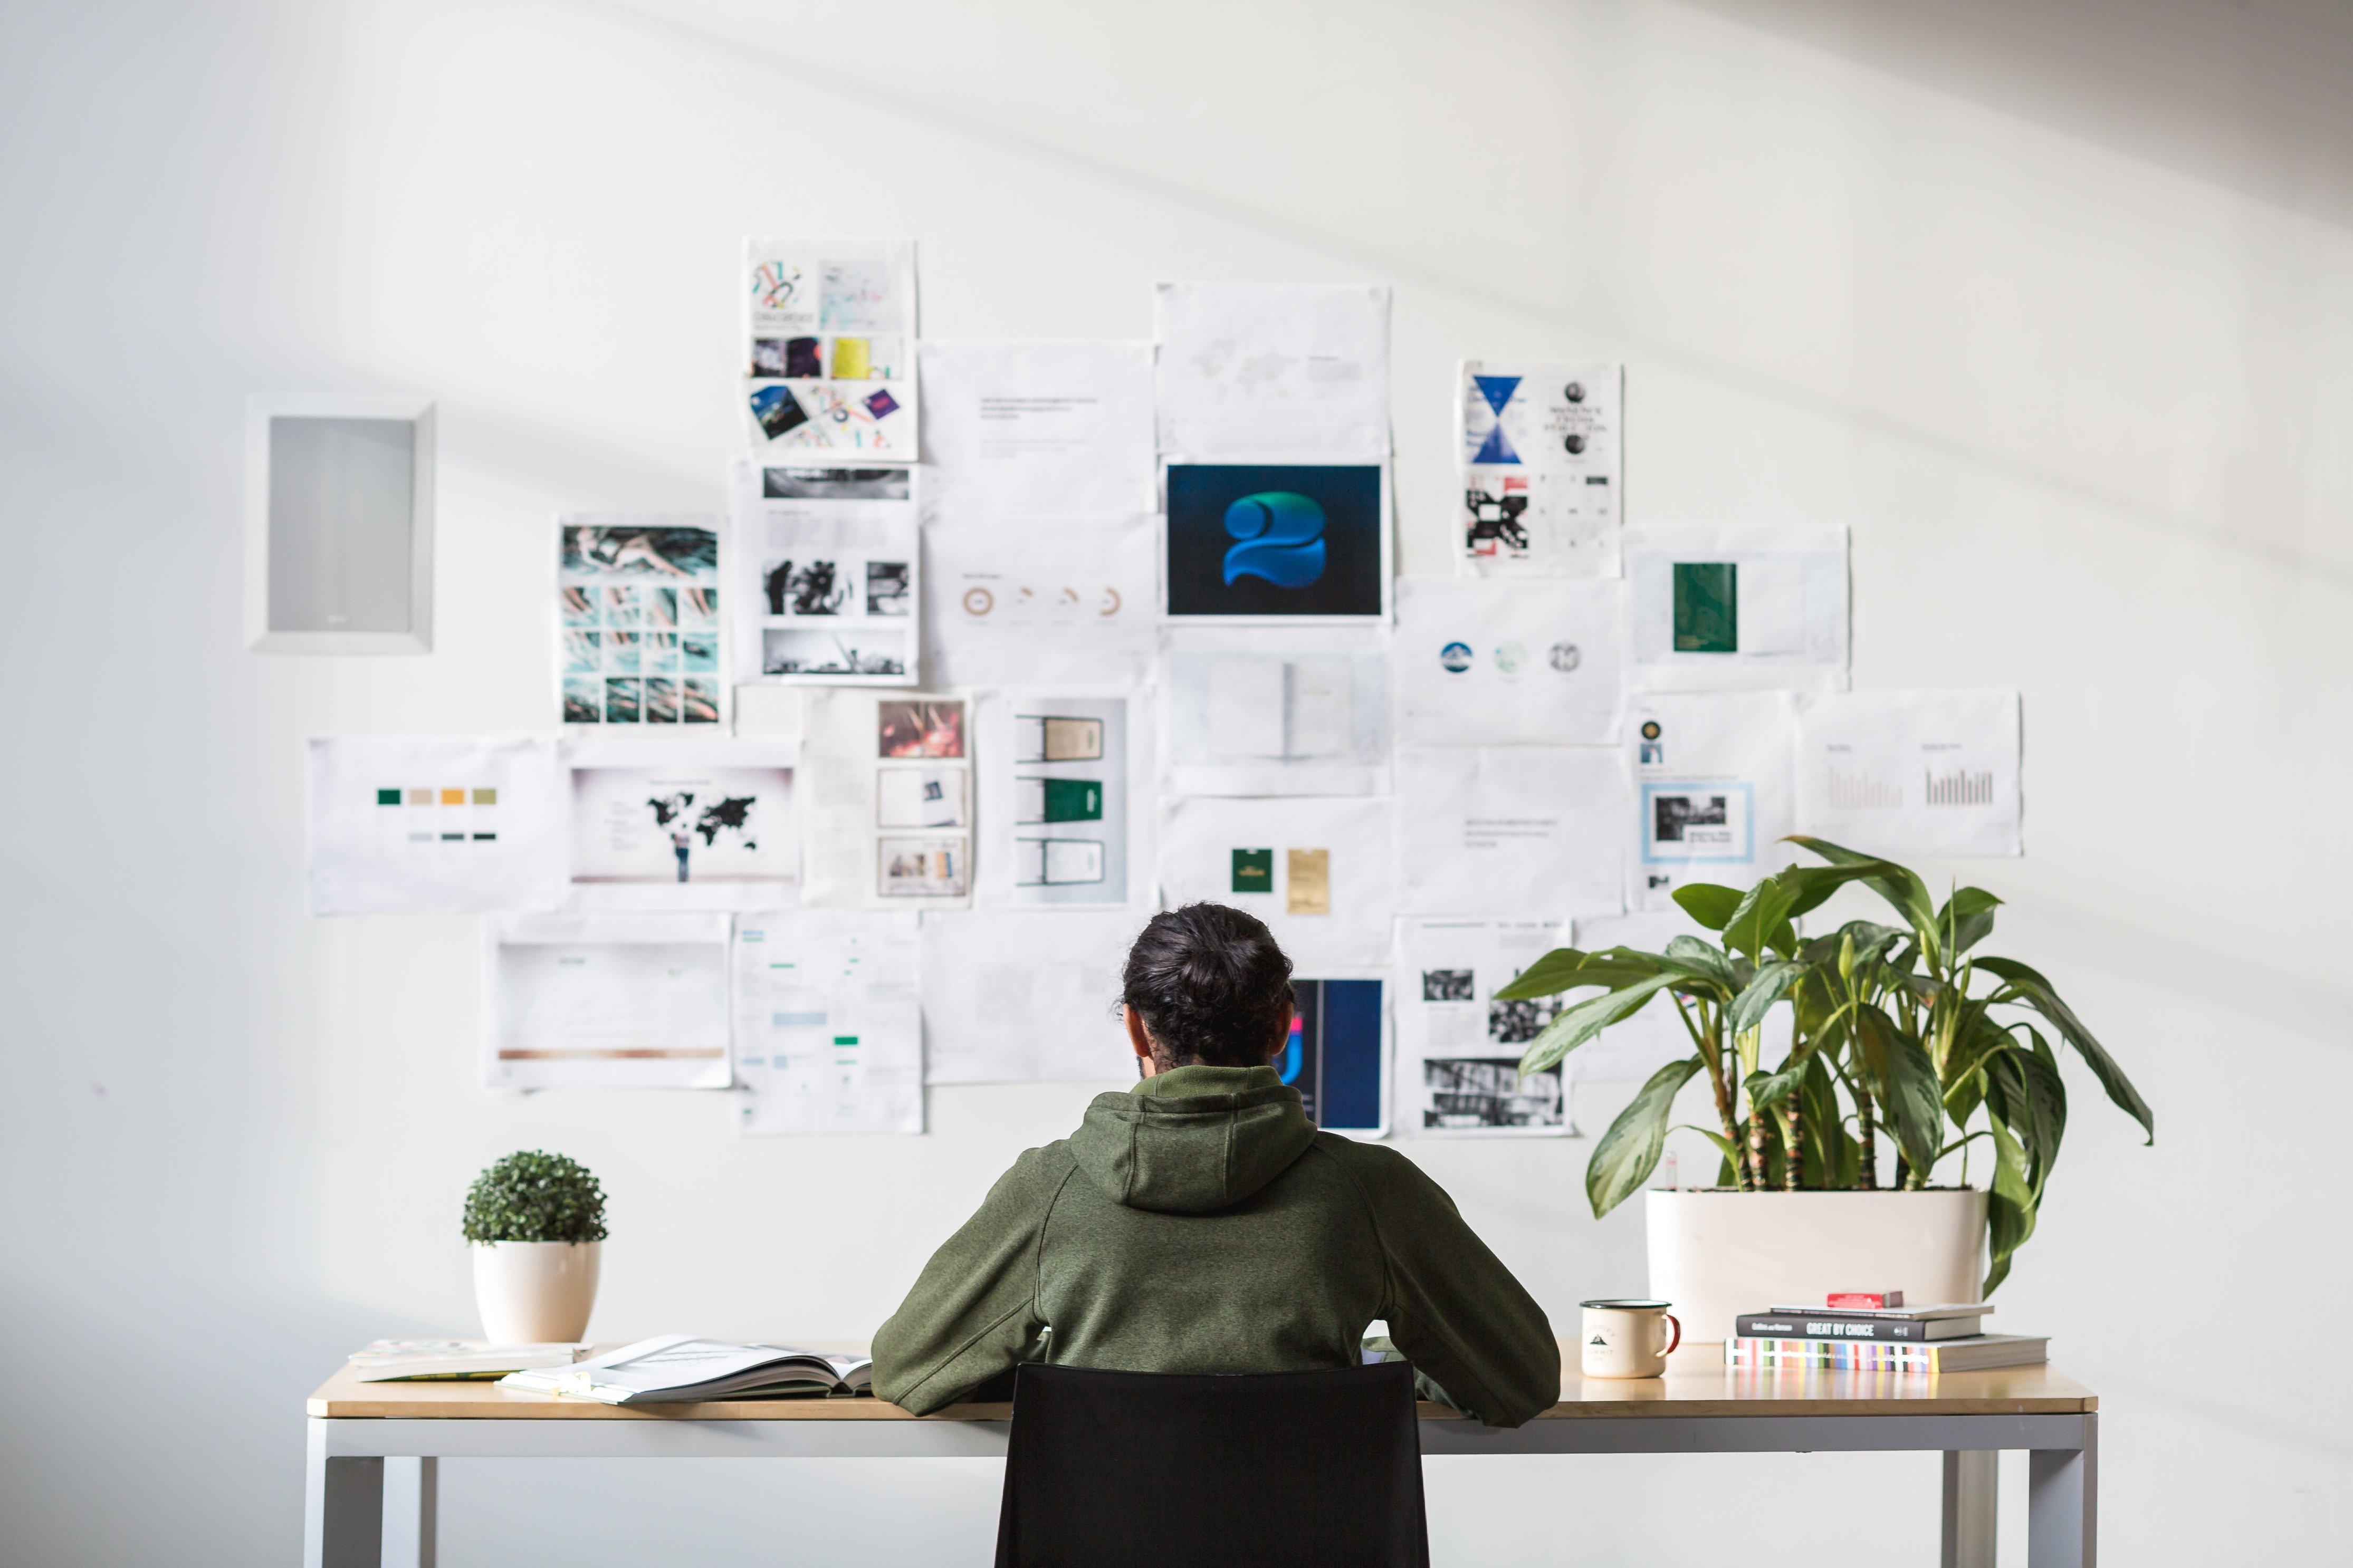 designer working on portfolio